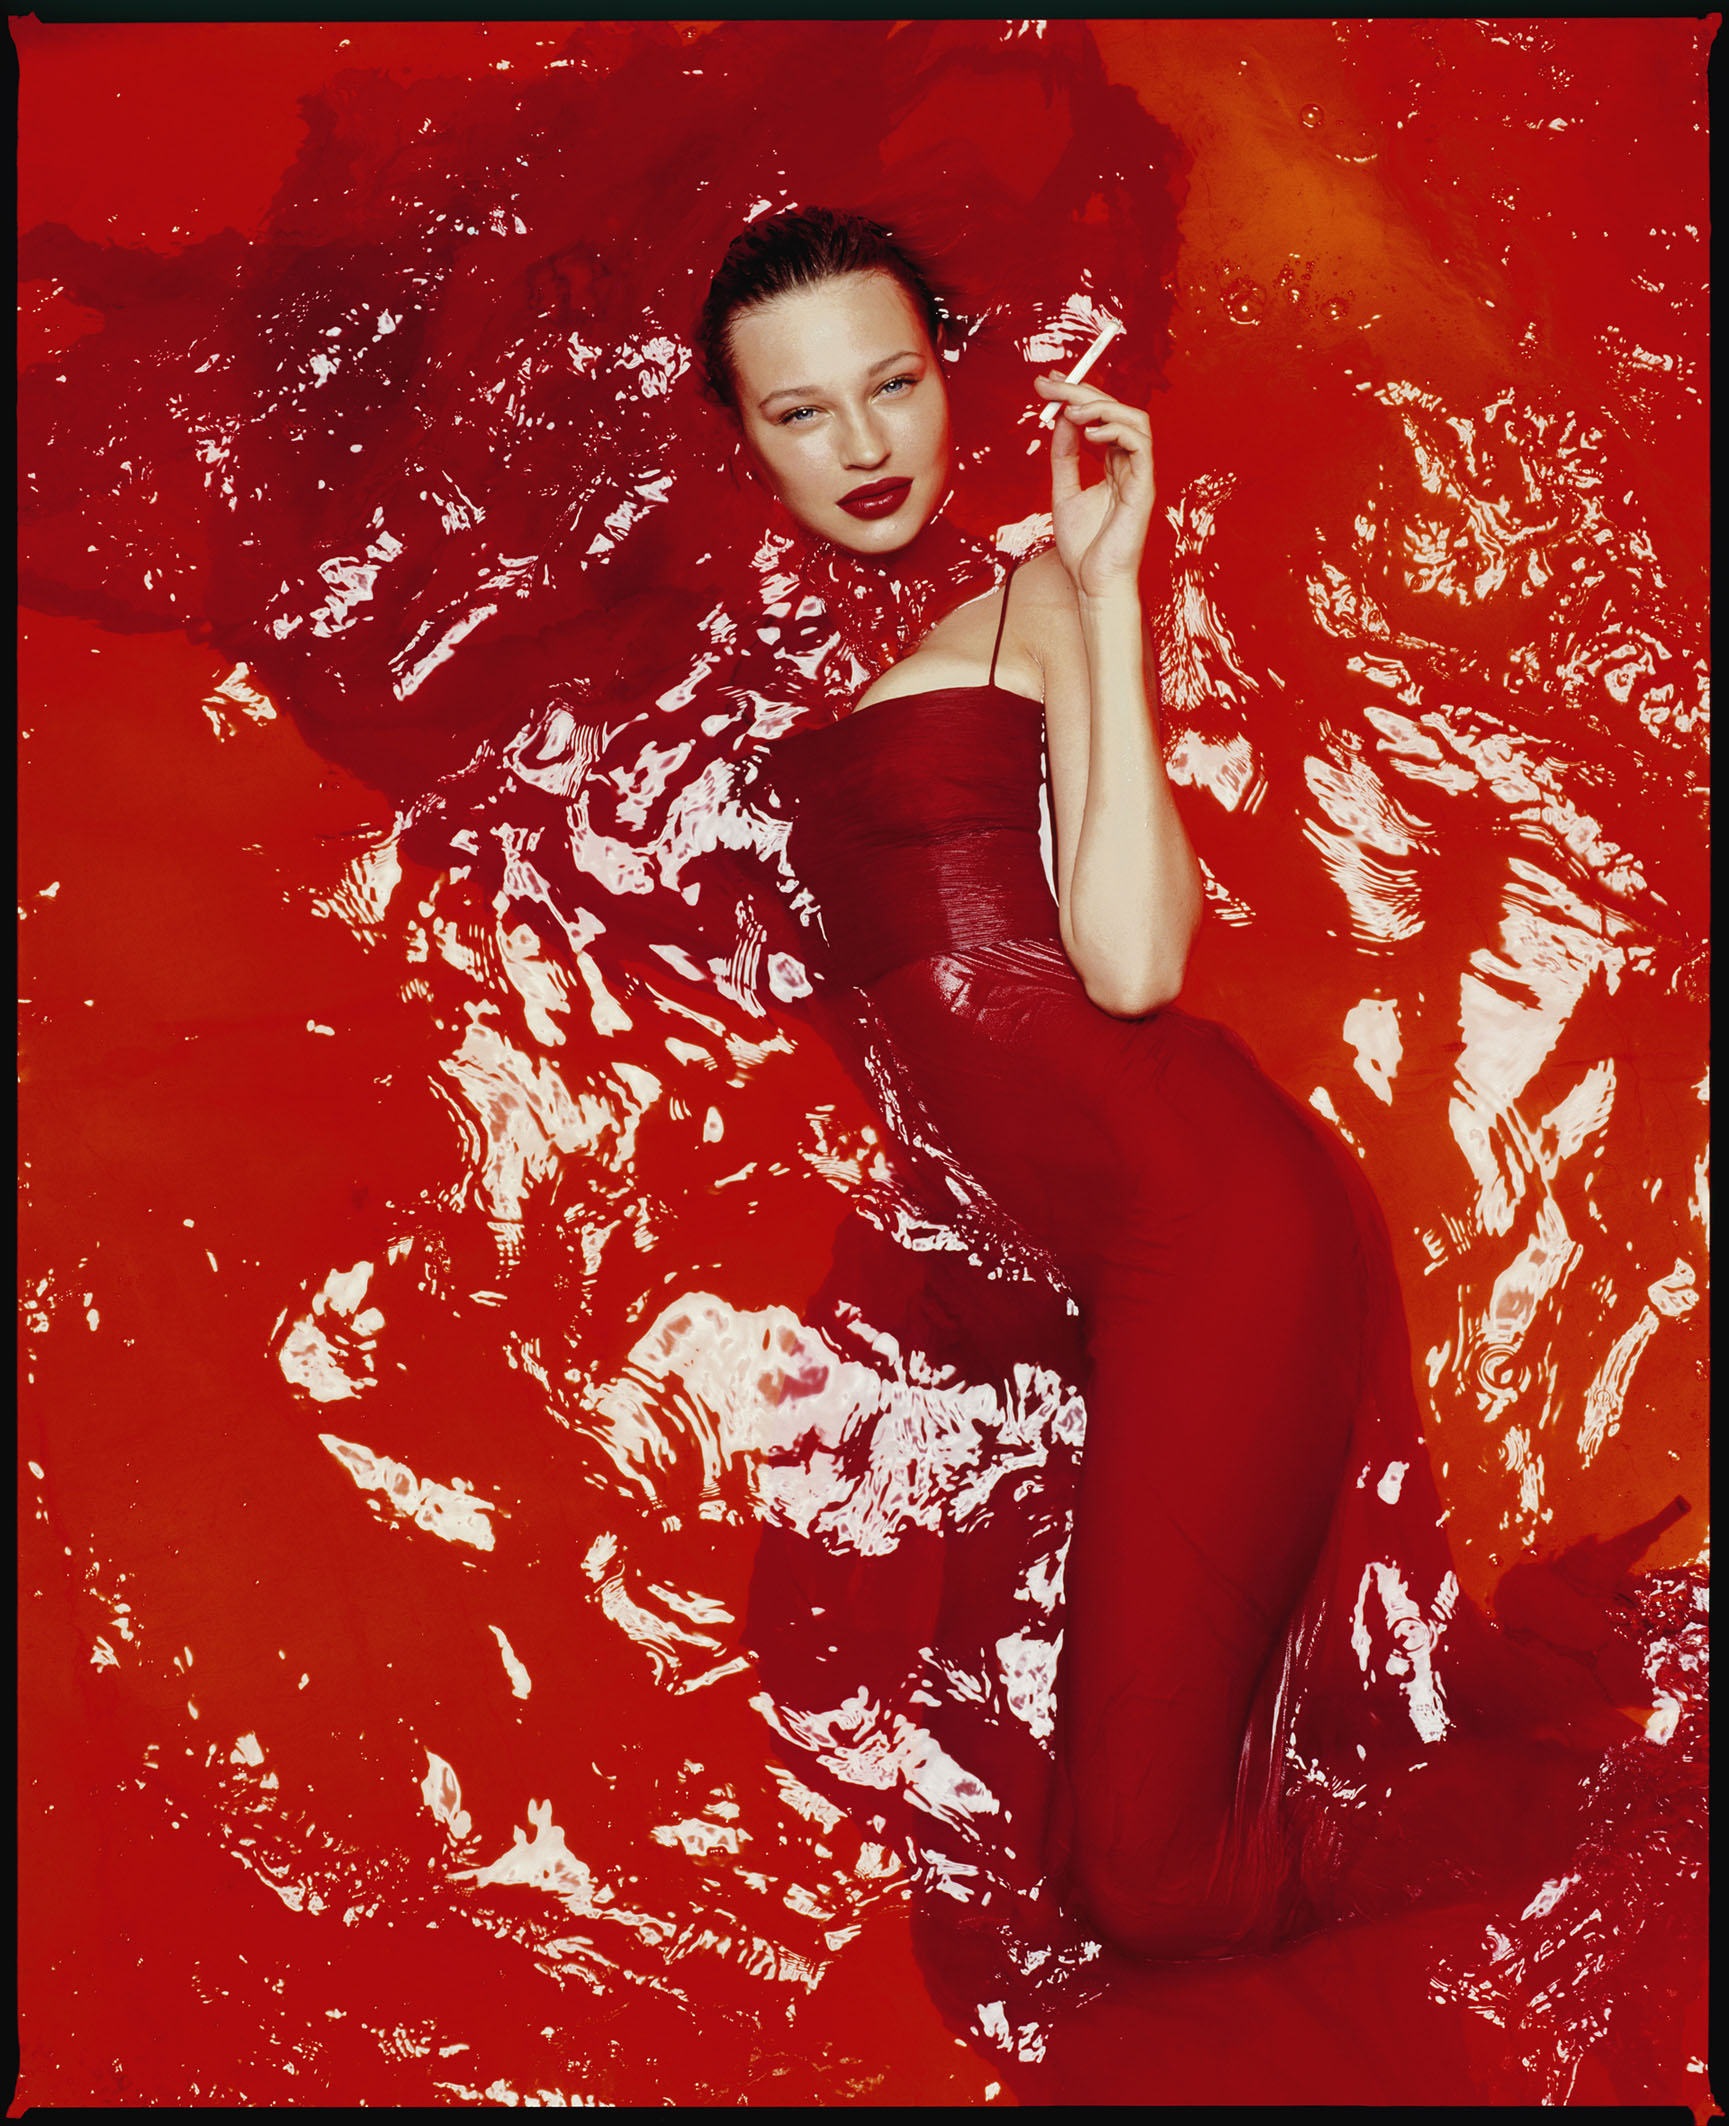 5-gian-paolo-barbieri-tatiana-savialova-per-valentino-1996-courtesy-by-29-arts-in-progress-gallery